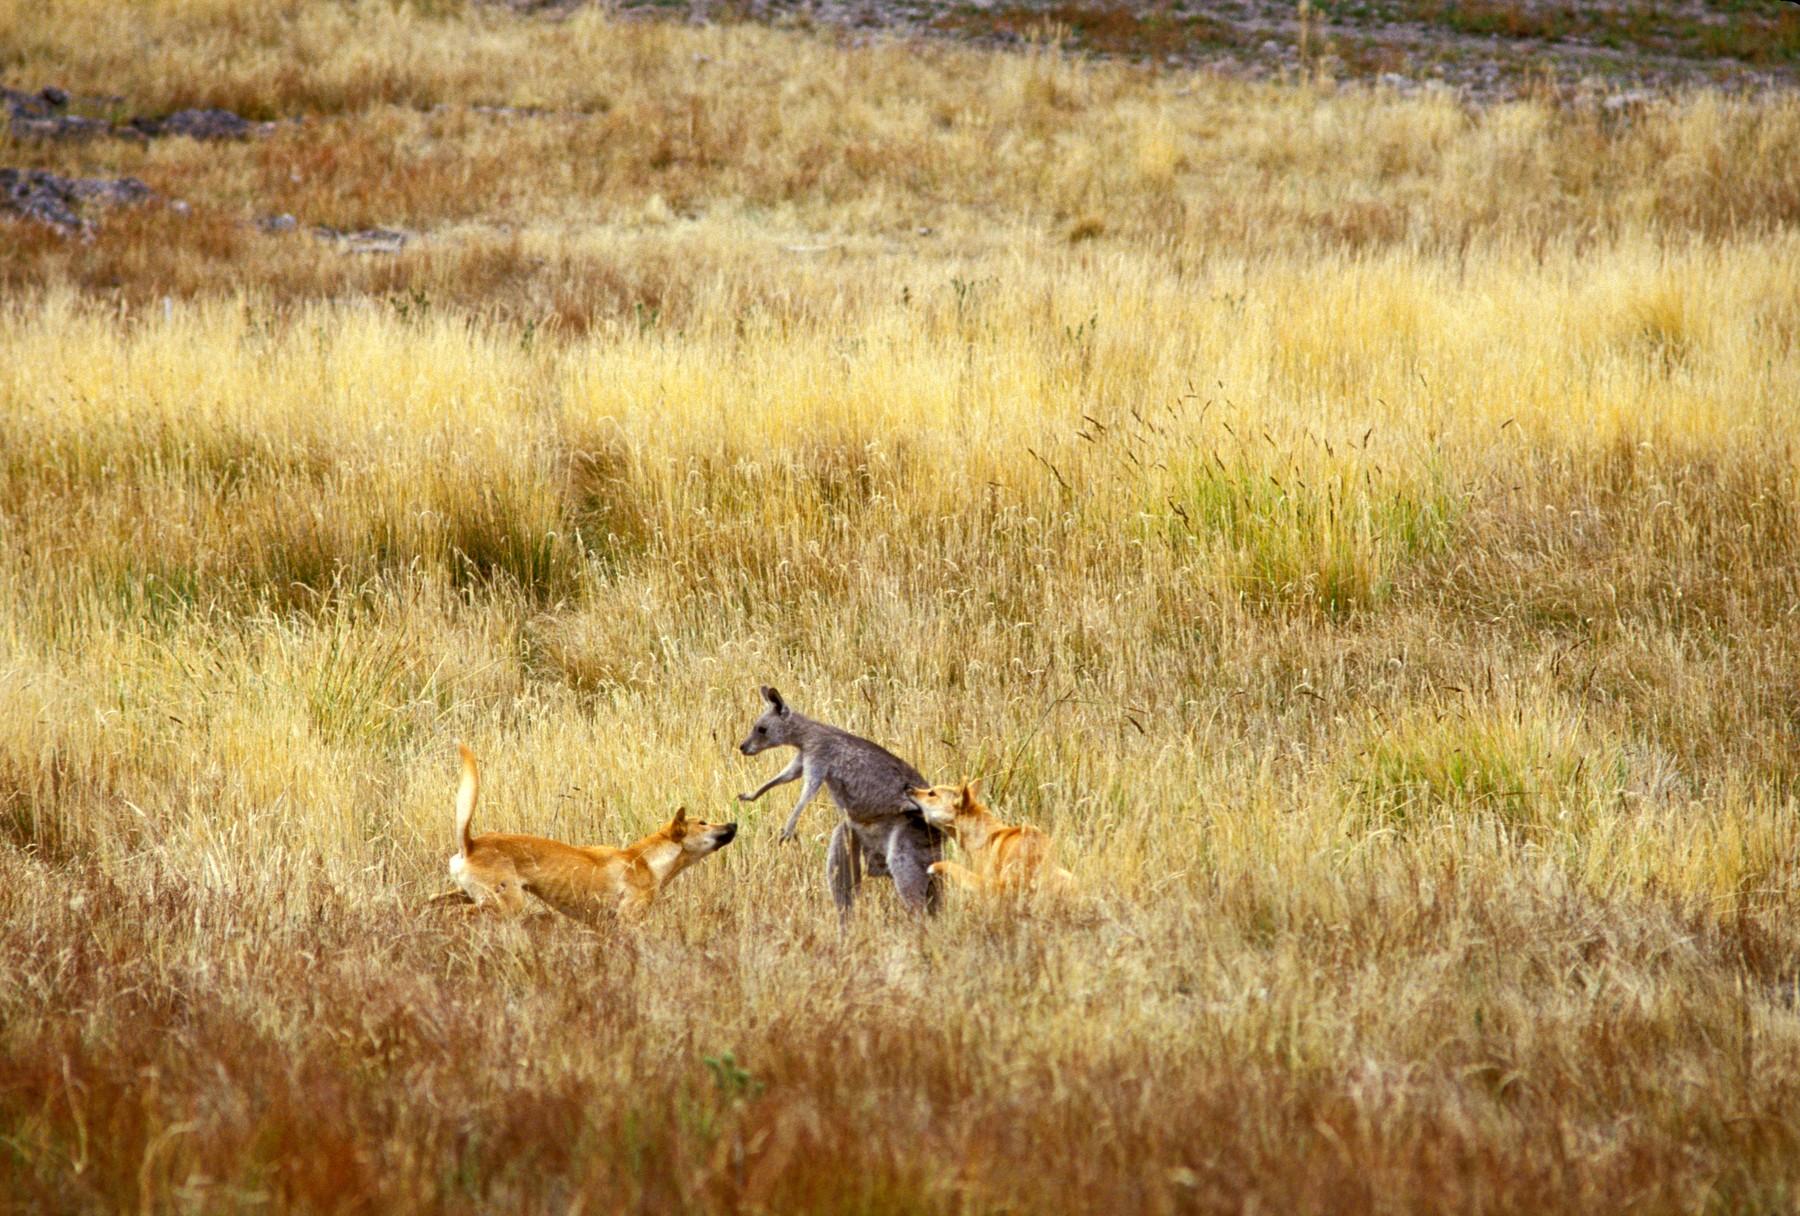 Ilustracija: Dingo napada klokana